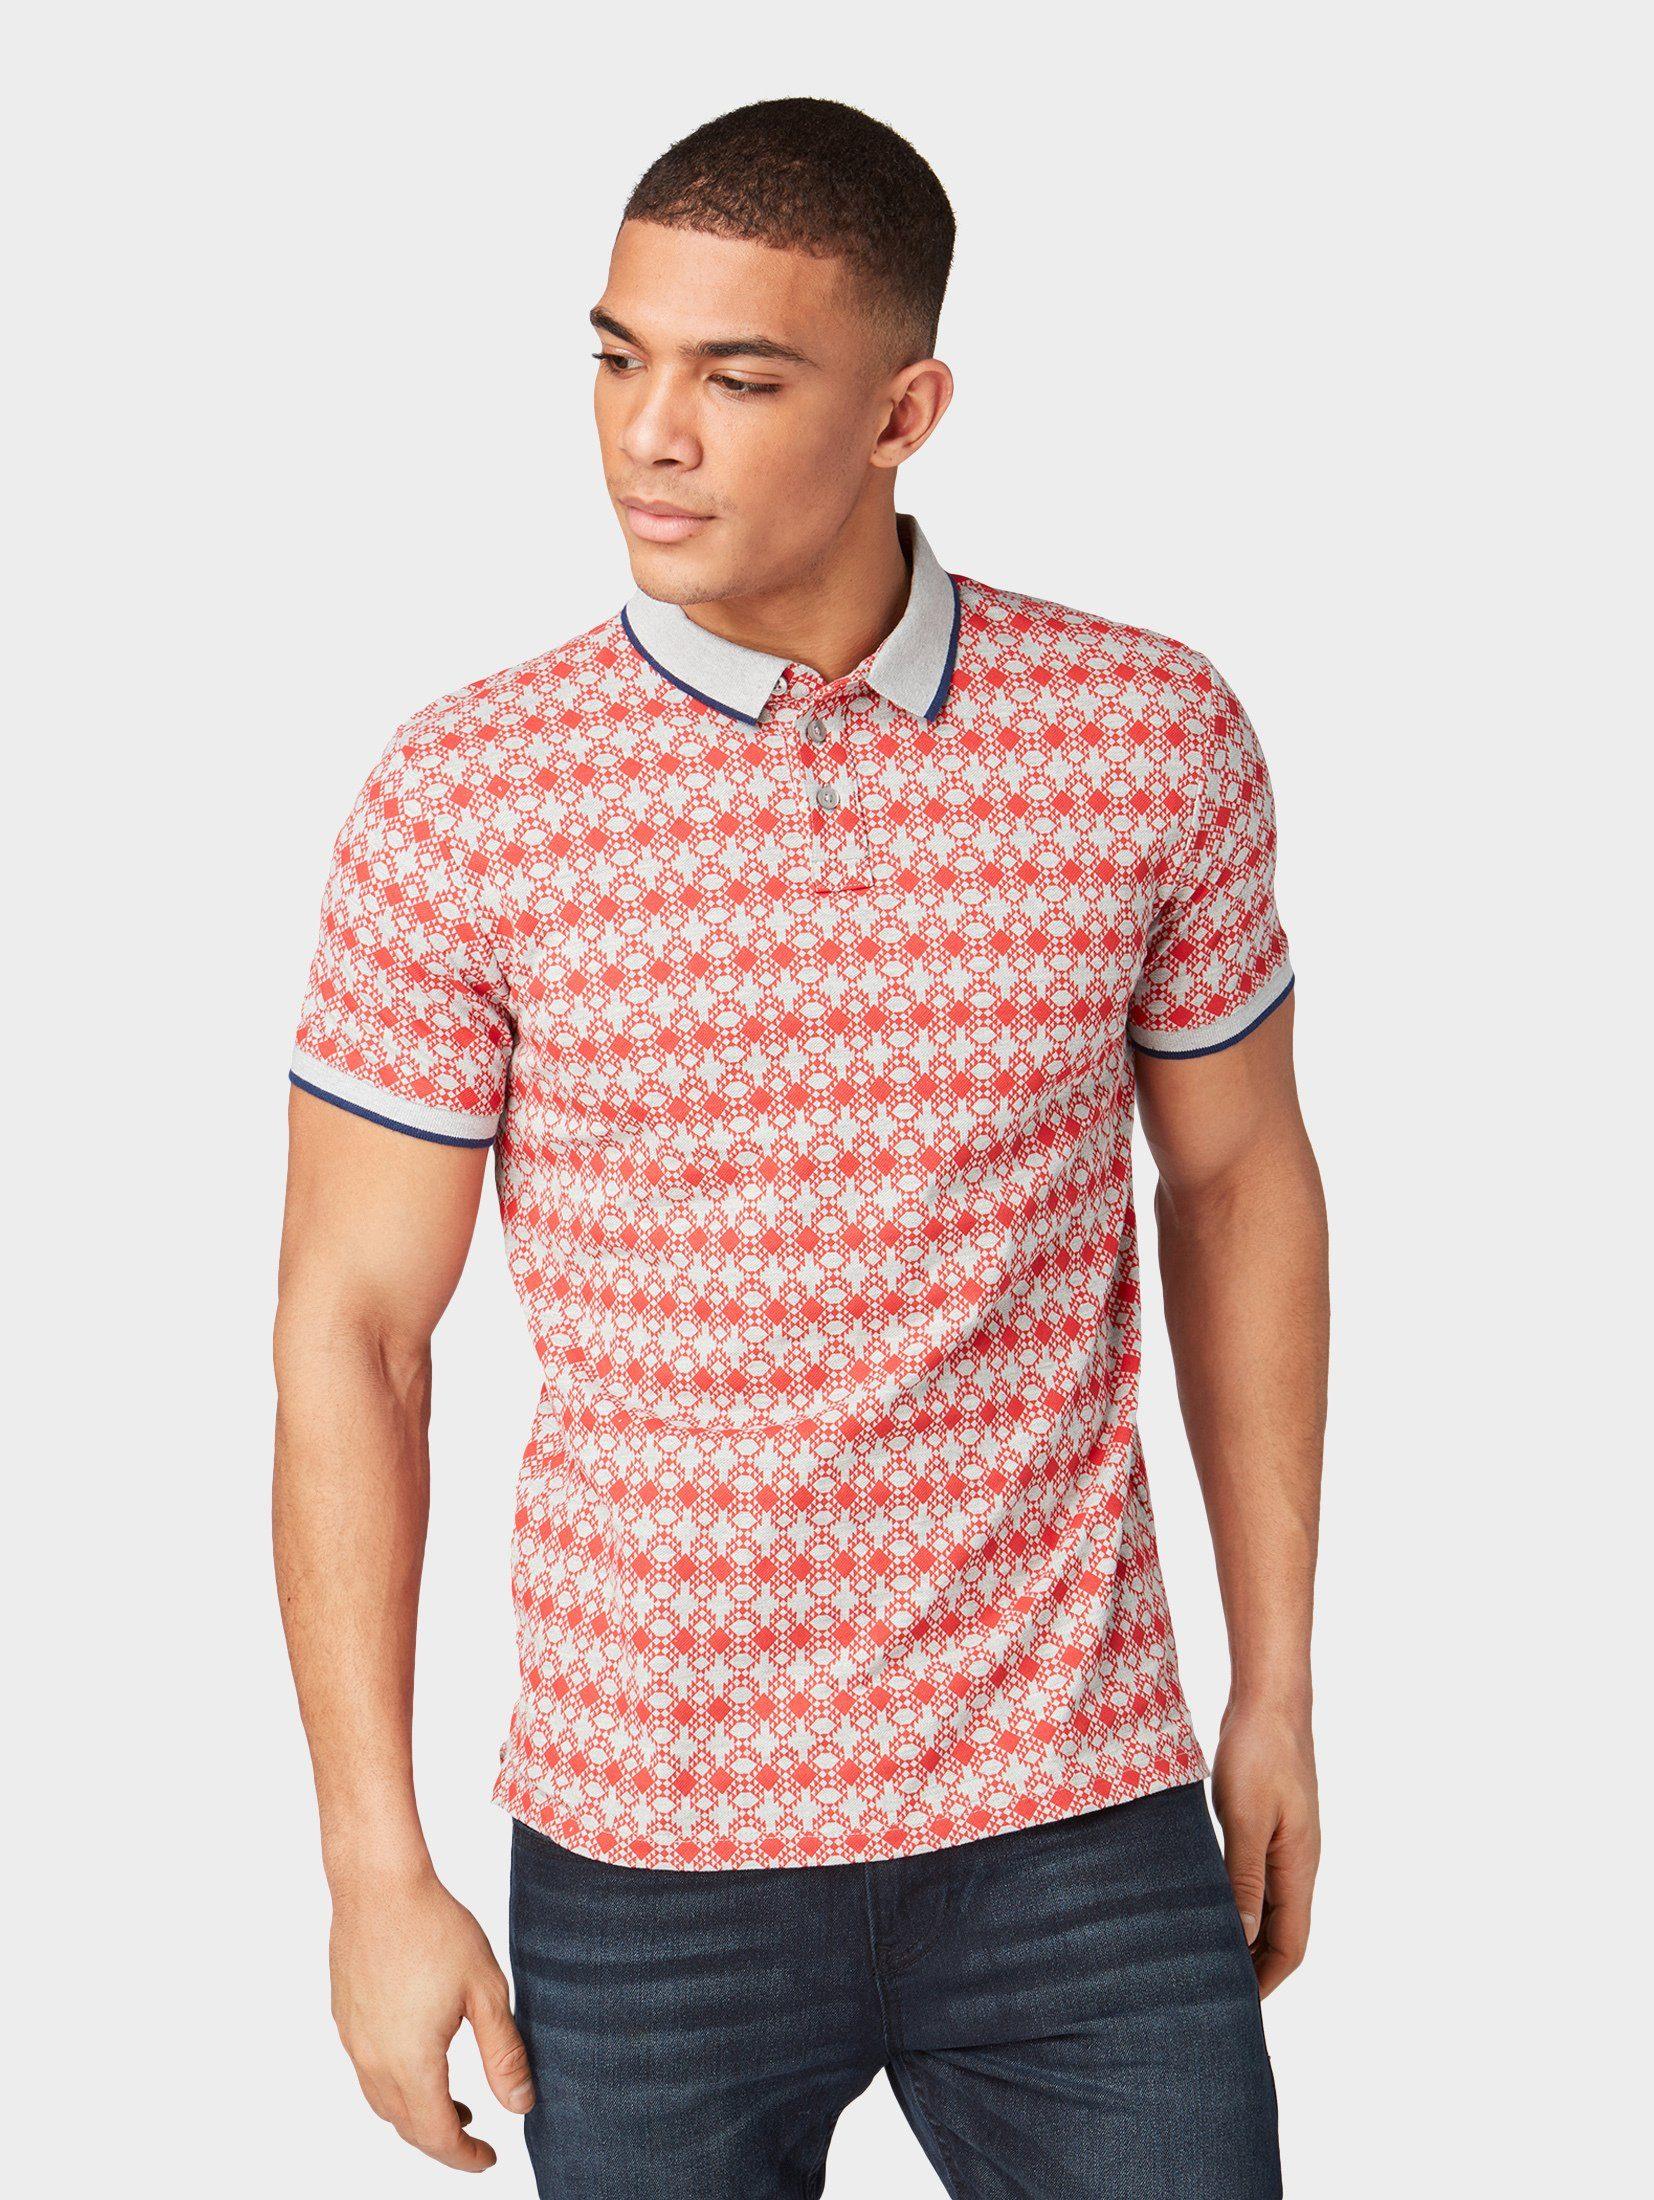 Tom Tailor Denim Mit Kurzer Knopfleiste Rosa T Shirt Herren